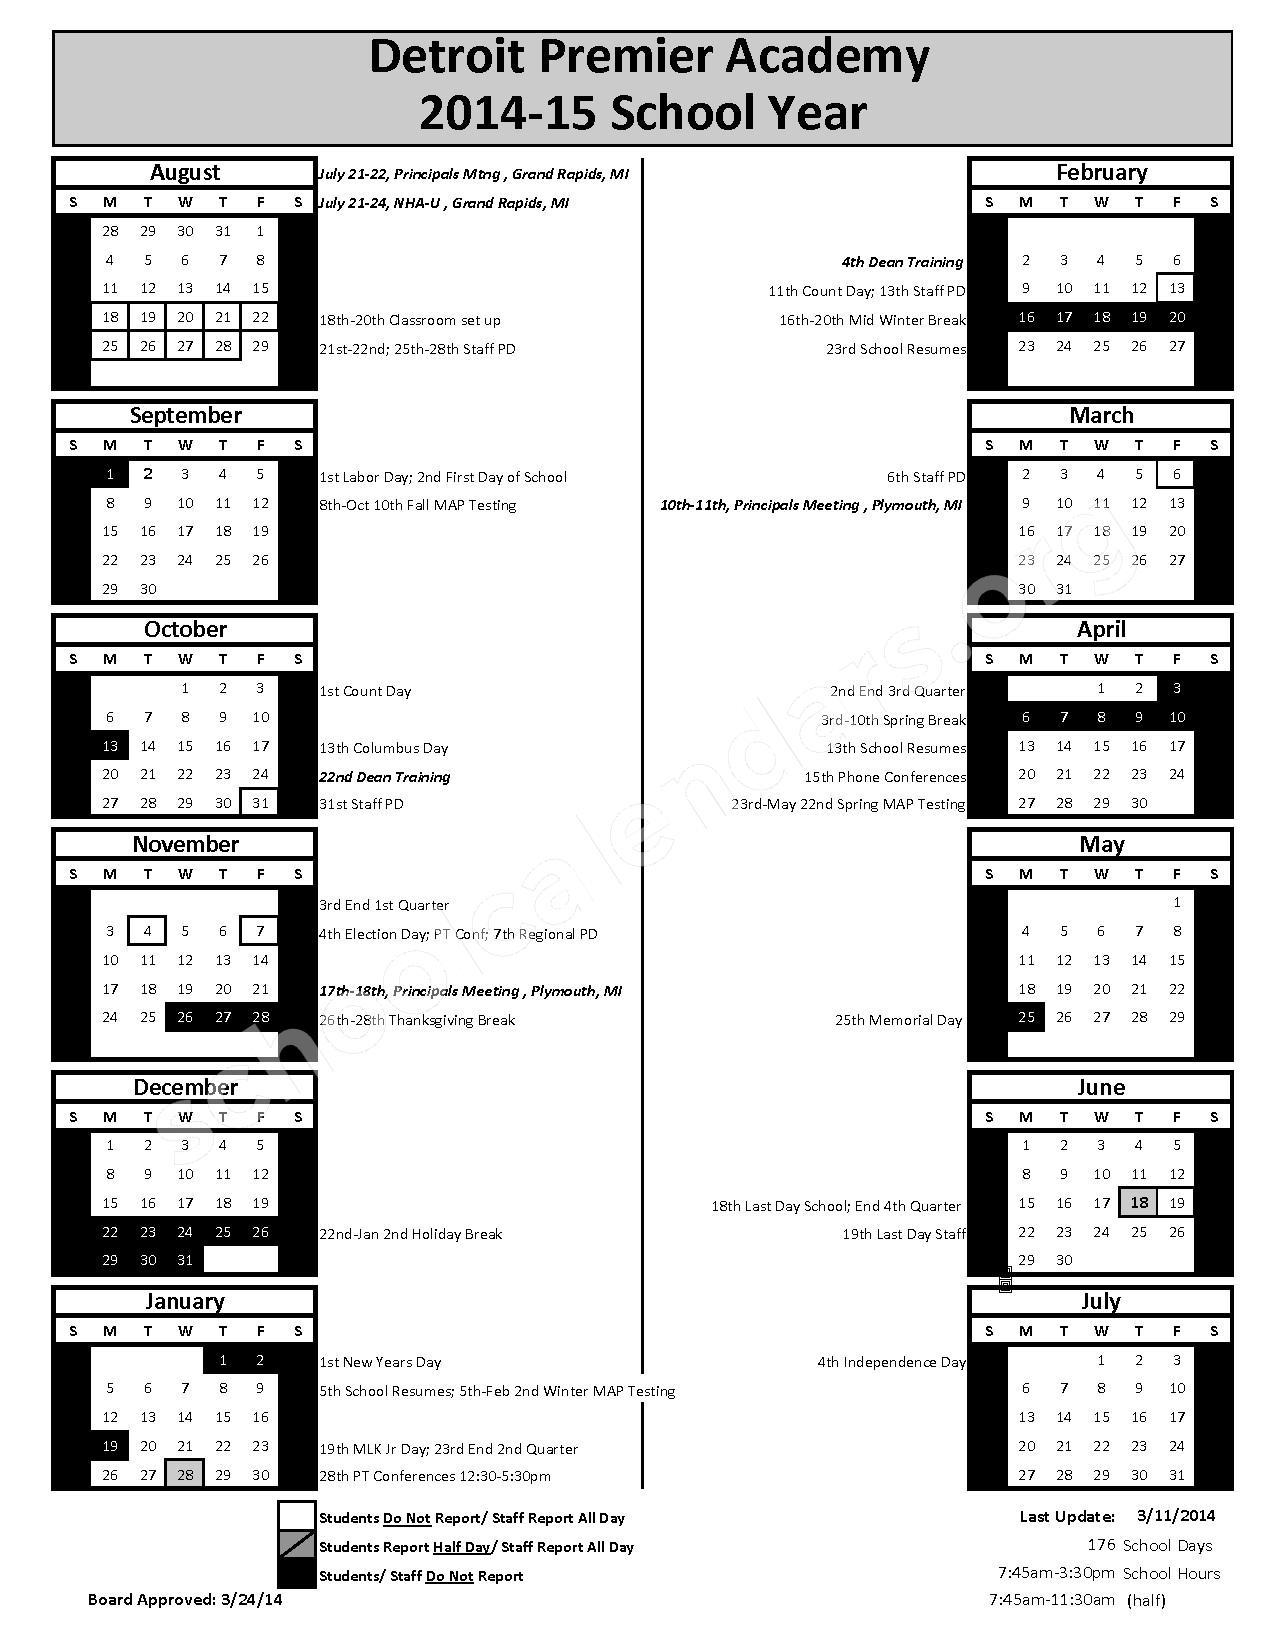 2014 - 2015 School Calendar – Detroit Premier Academy – page 1